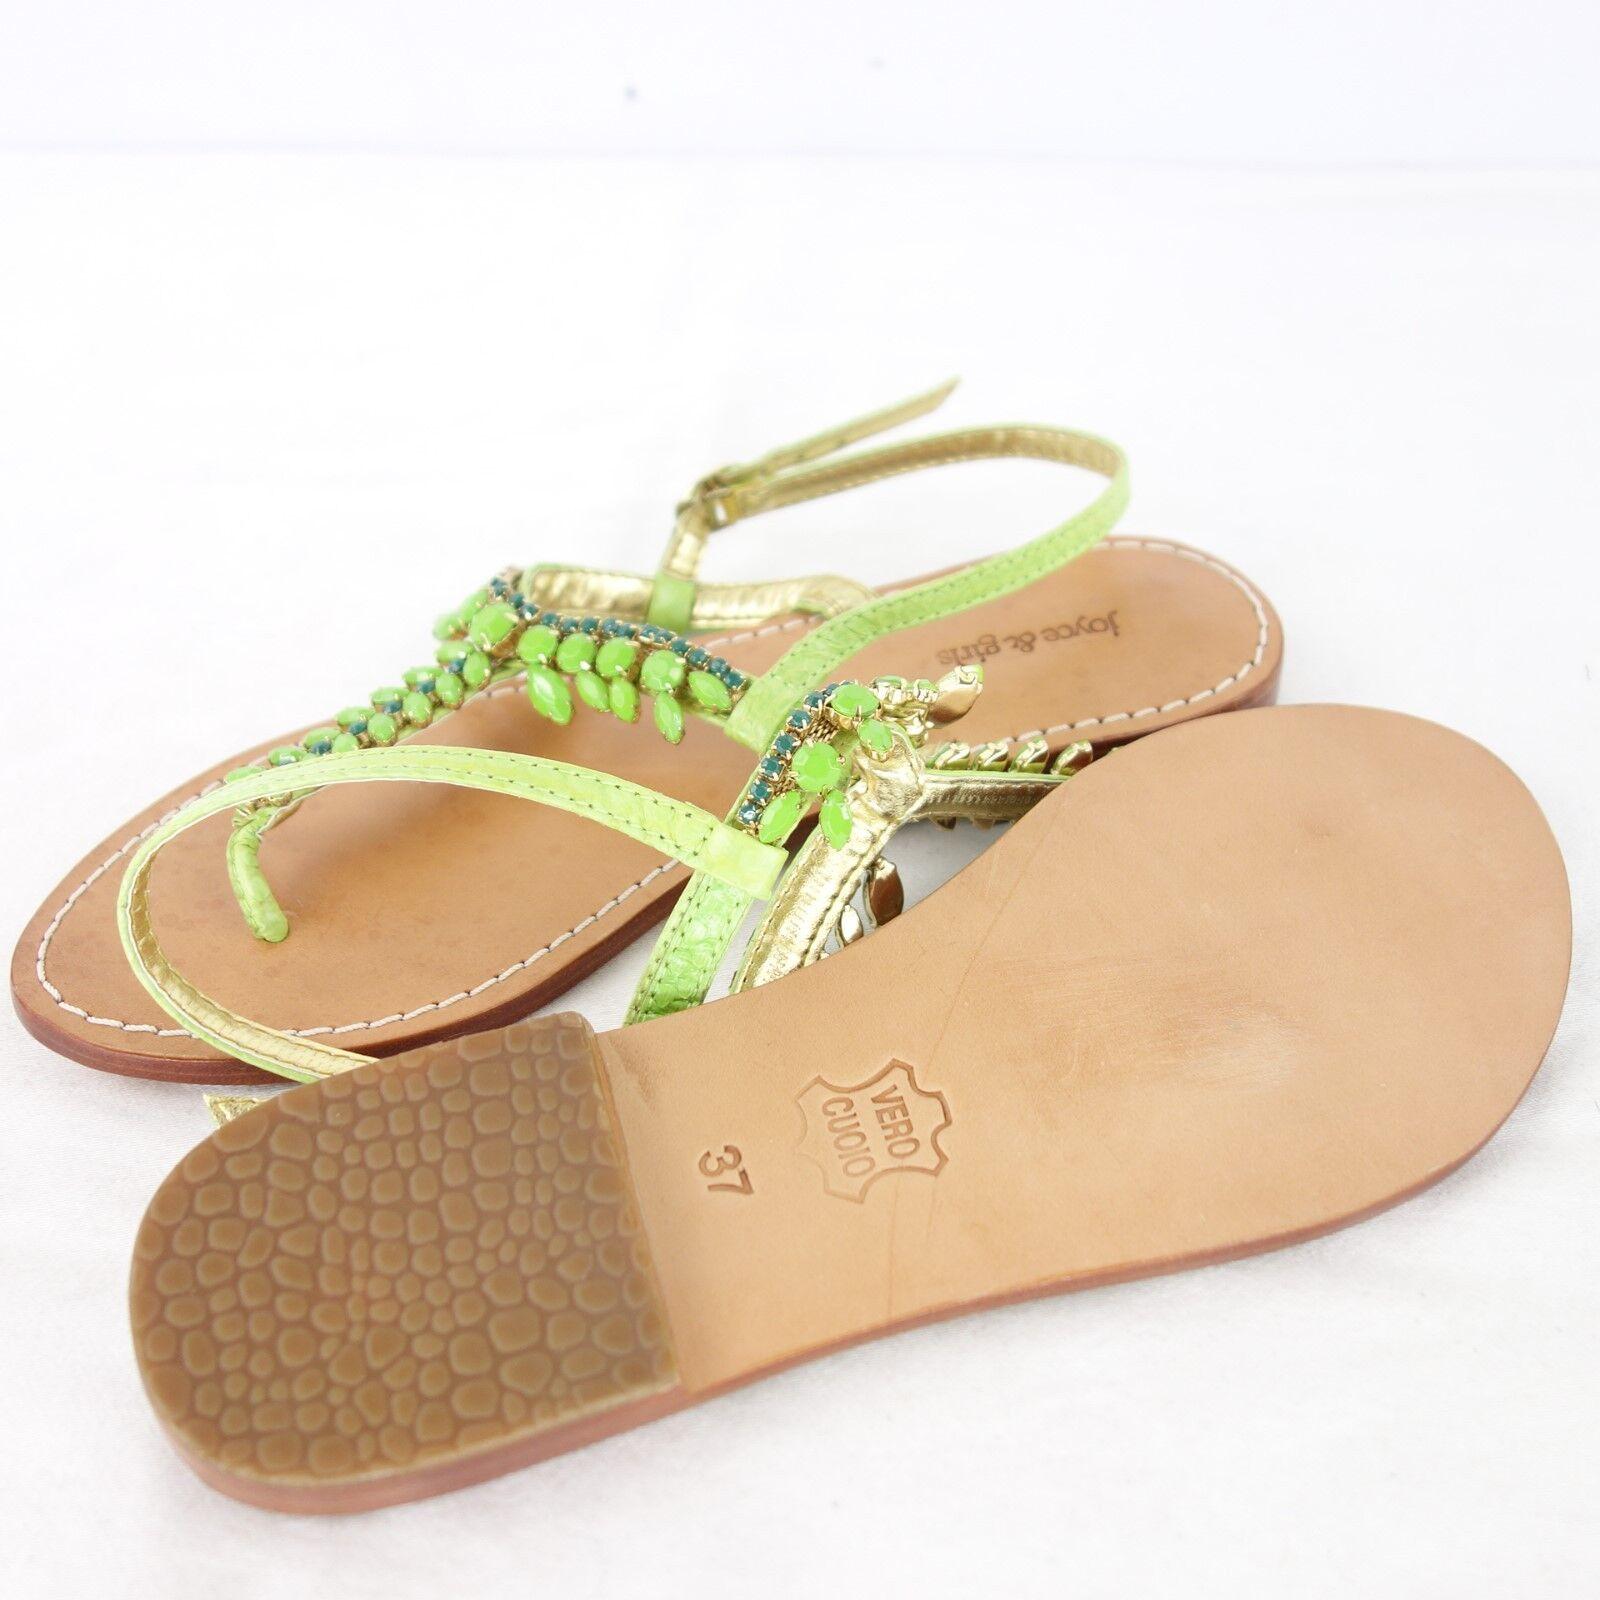 Joyce & Girls zapatos señora sandalias planas zapatos cuero verde NP 139 nuevo